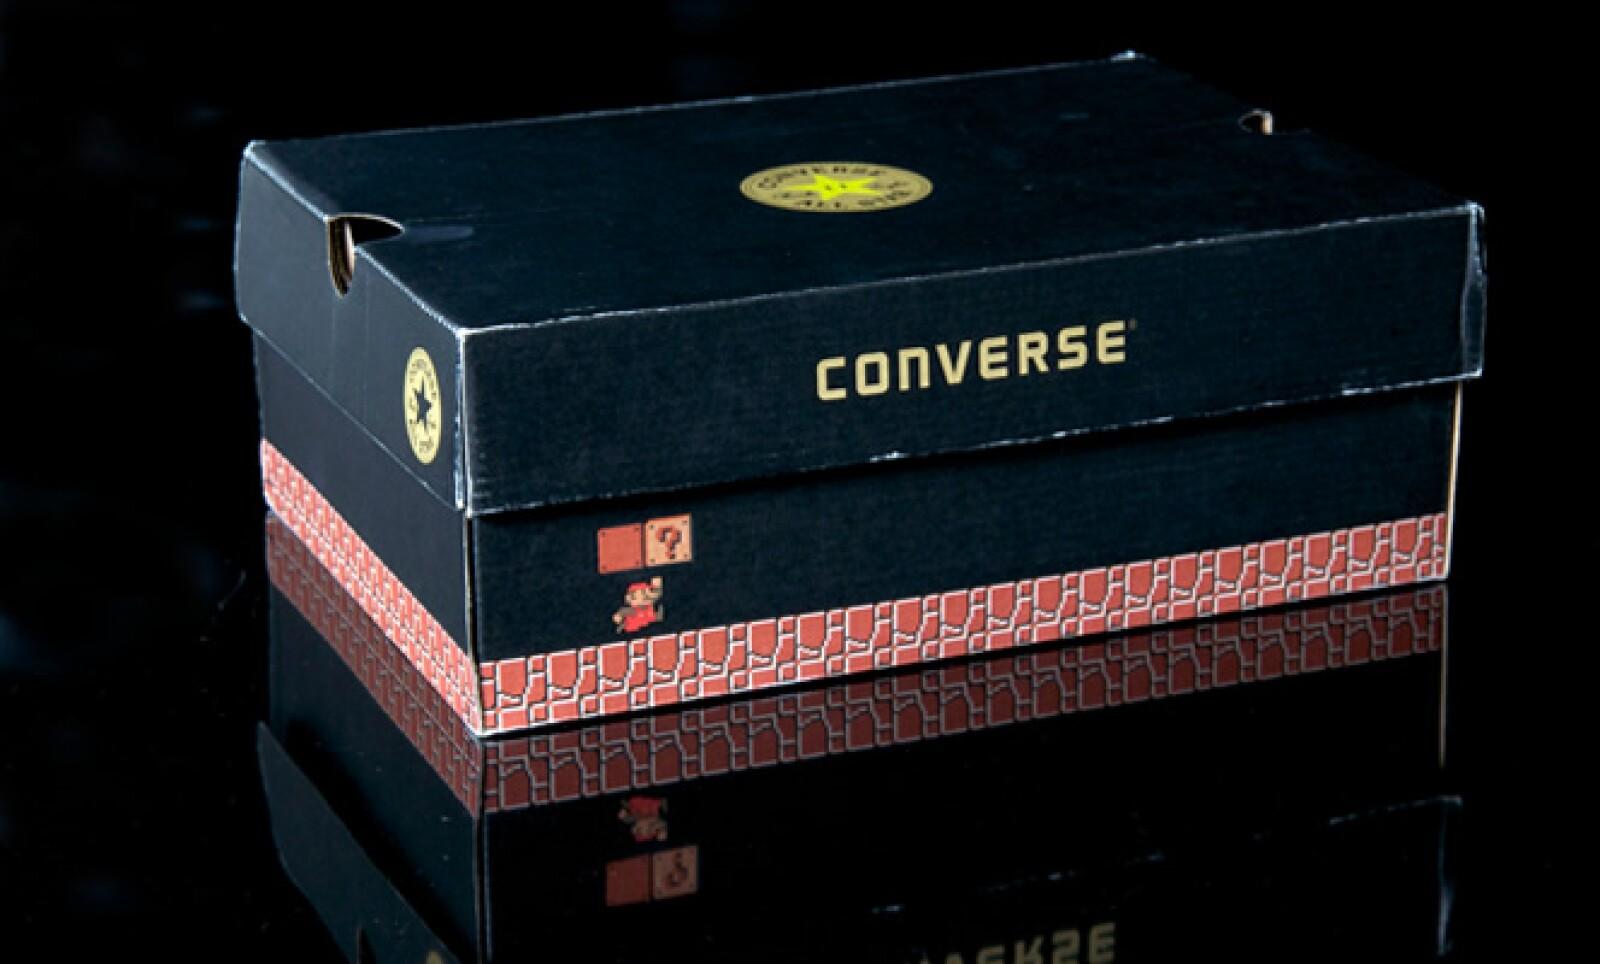 Hasta la caja del calzado tiene detalles del videojuego.